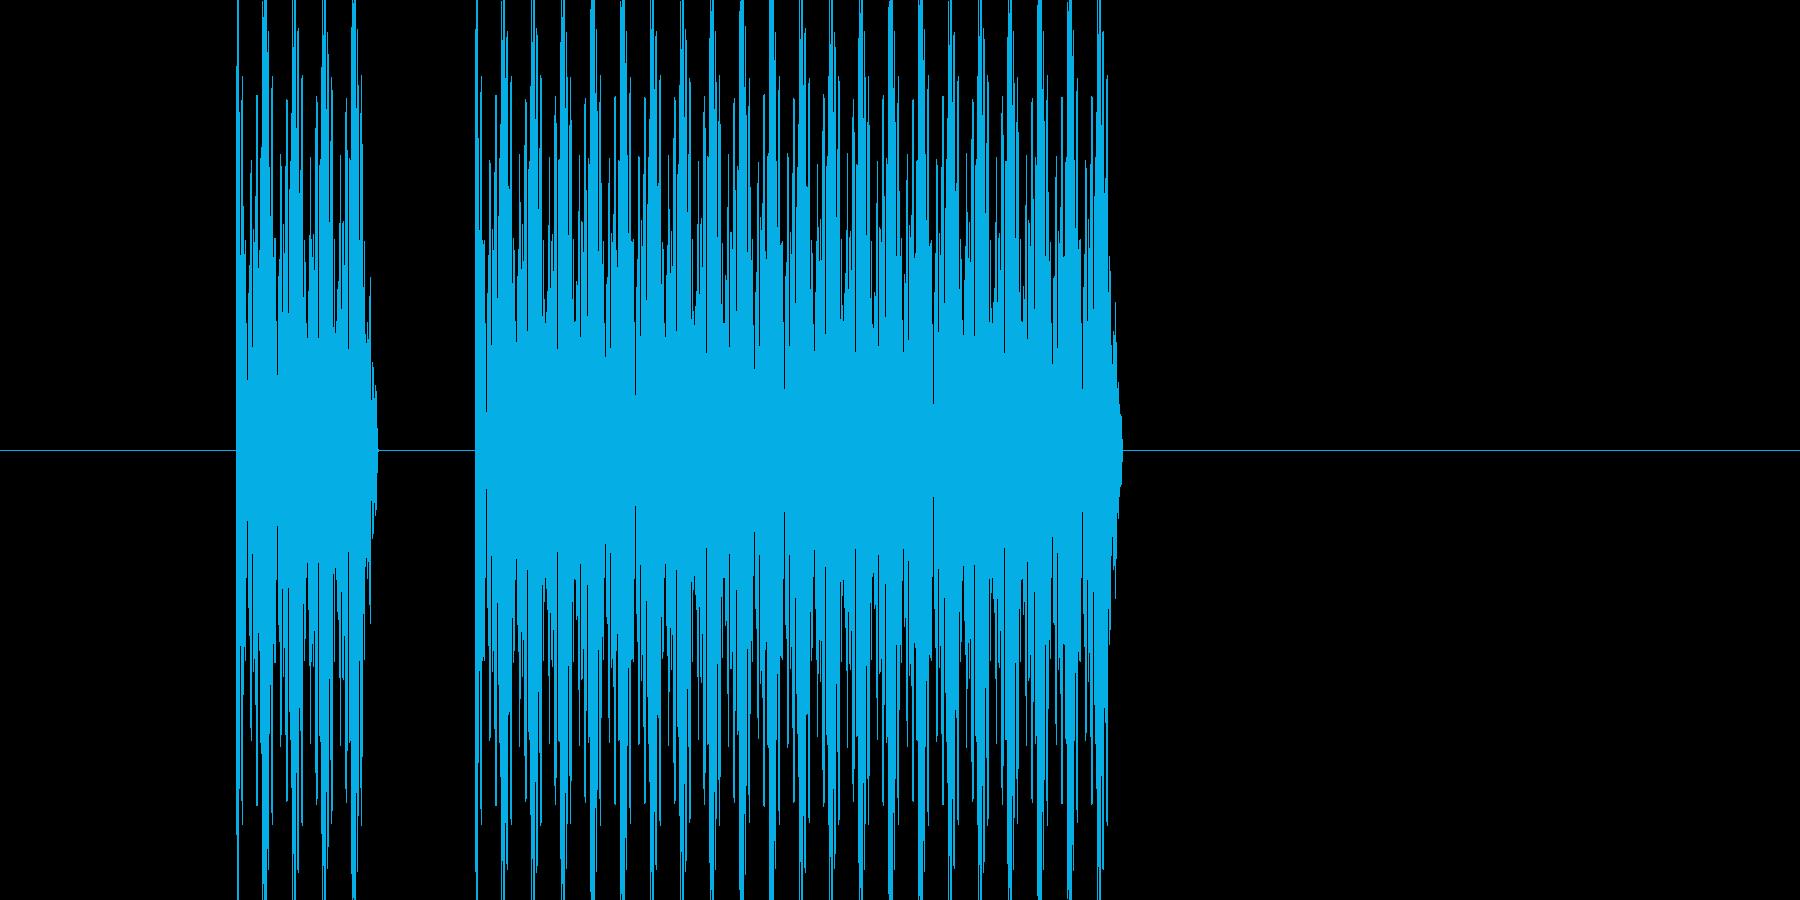 ブッブー(不正解の音)の再生済みの波形